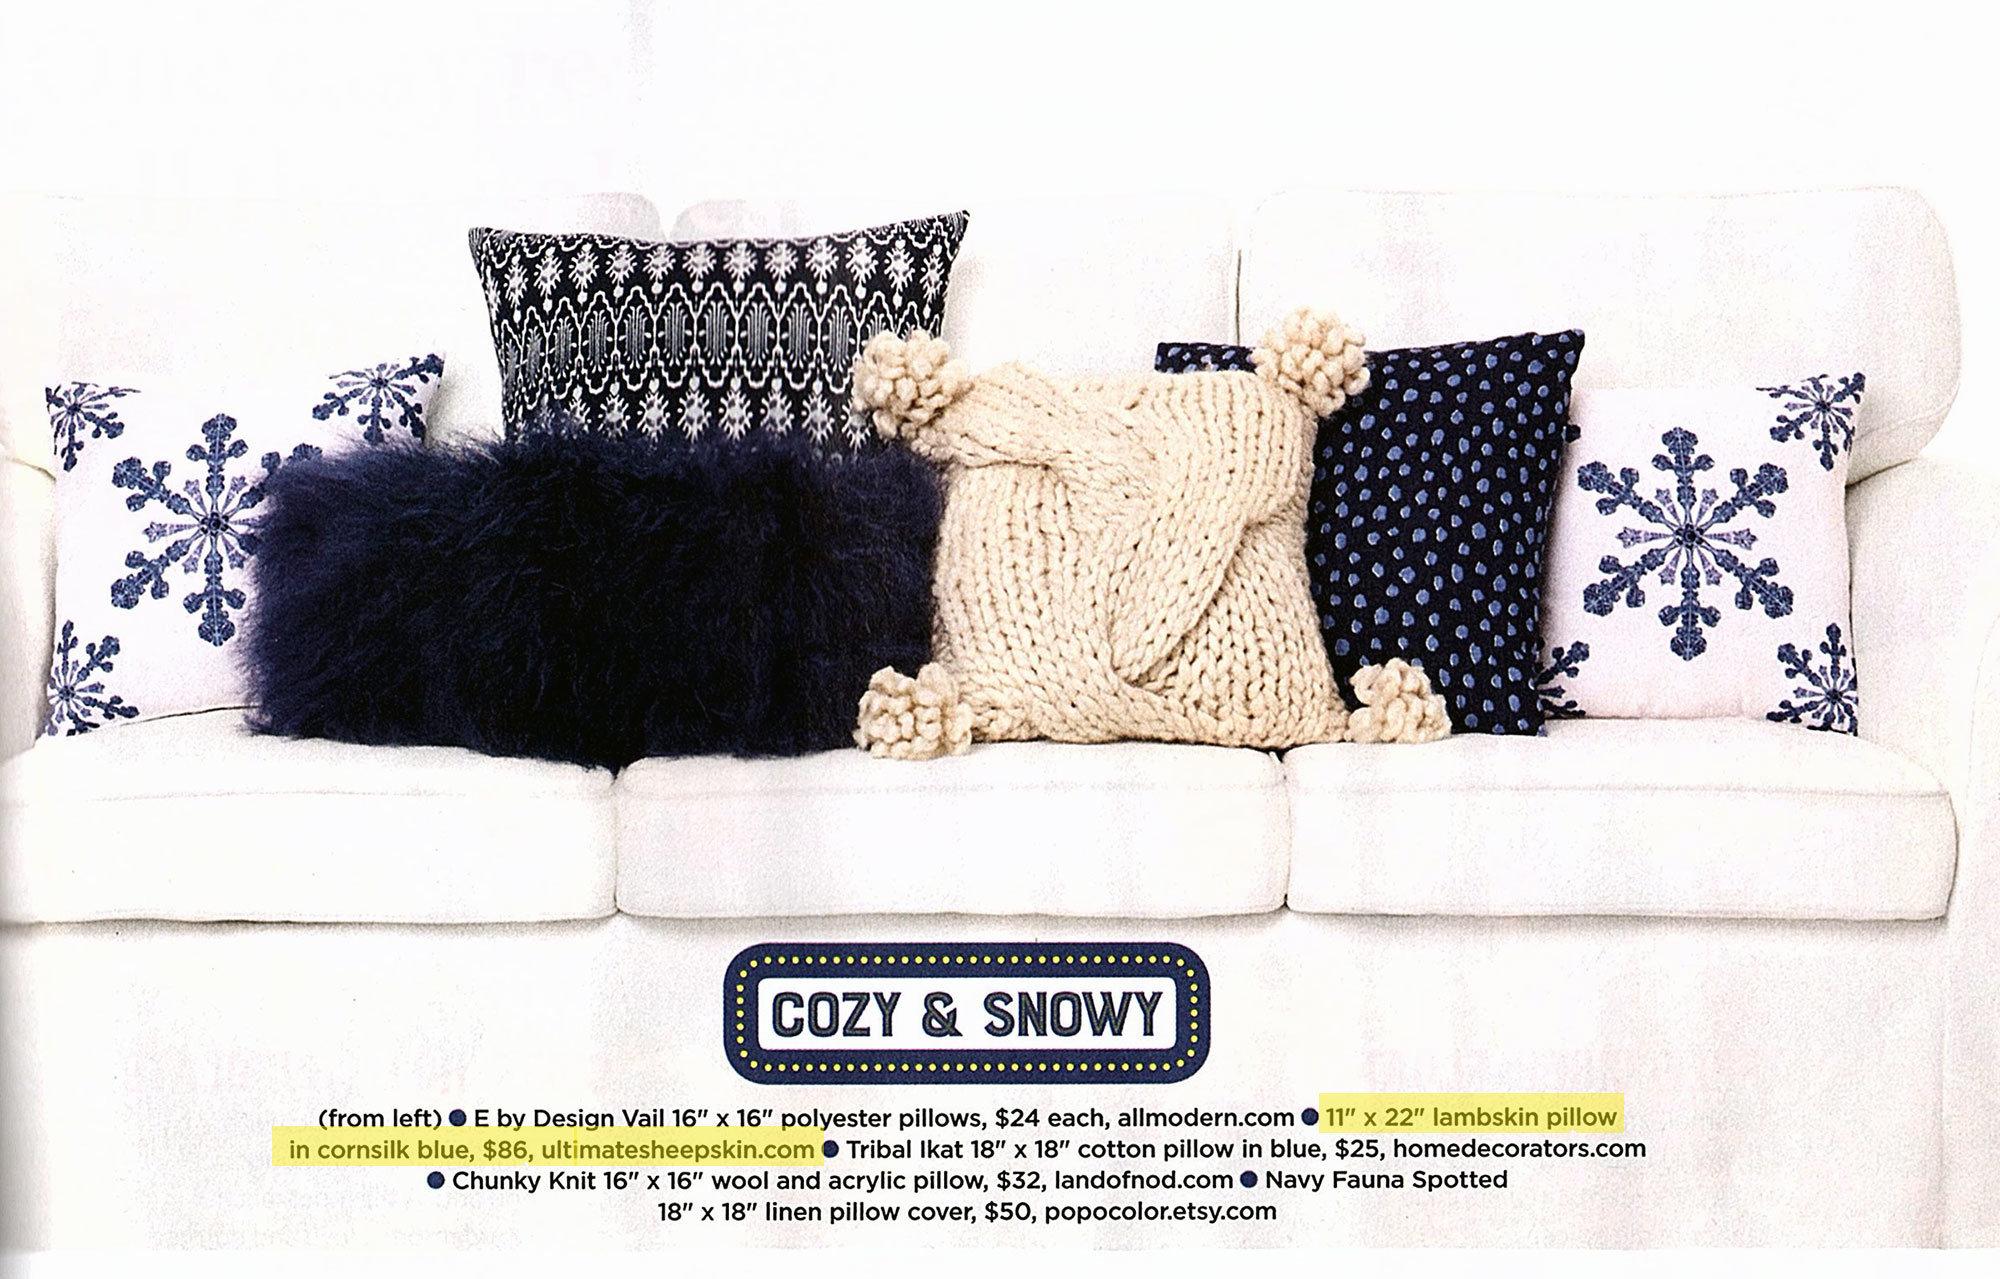 hgtv-pillows